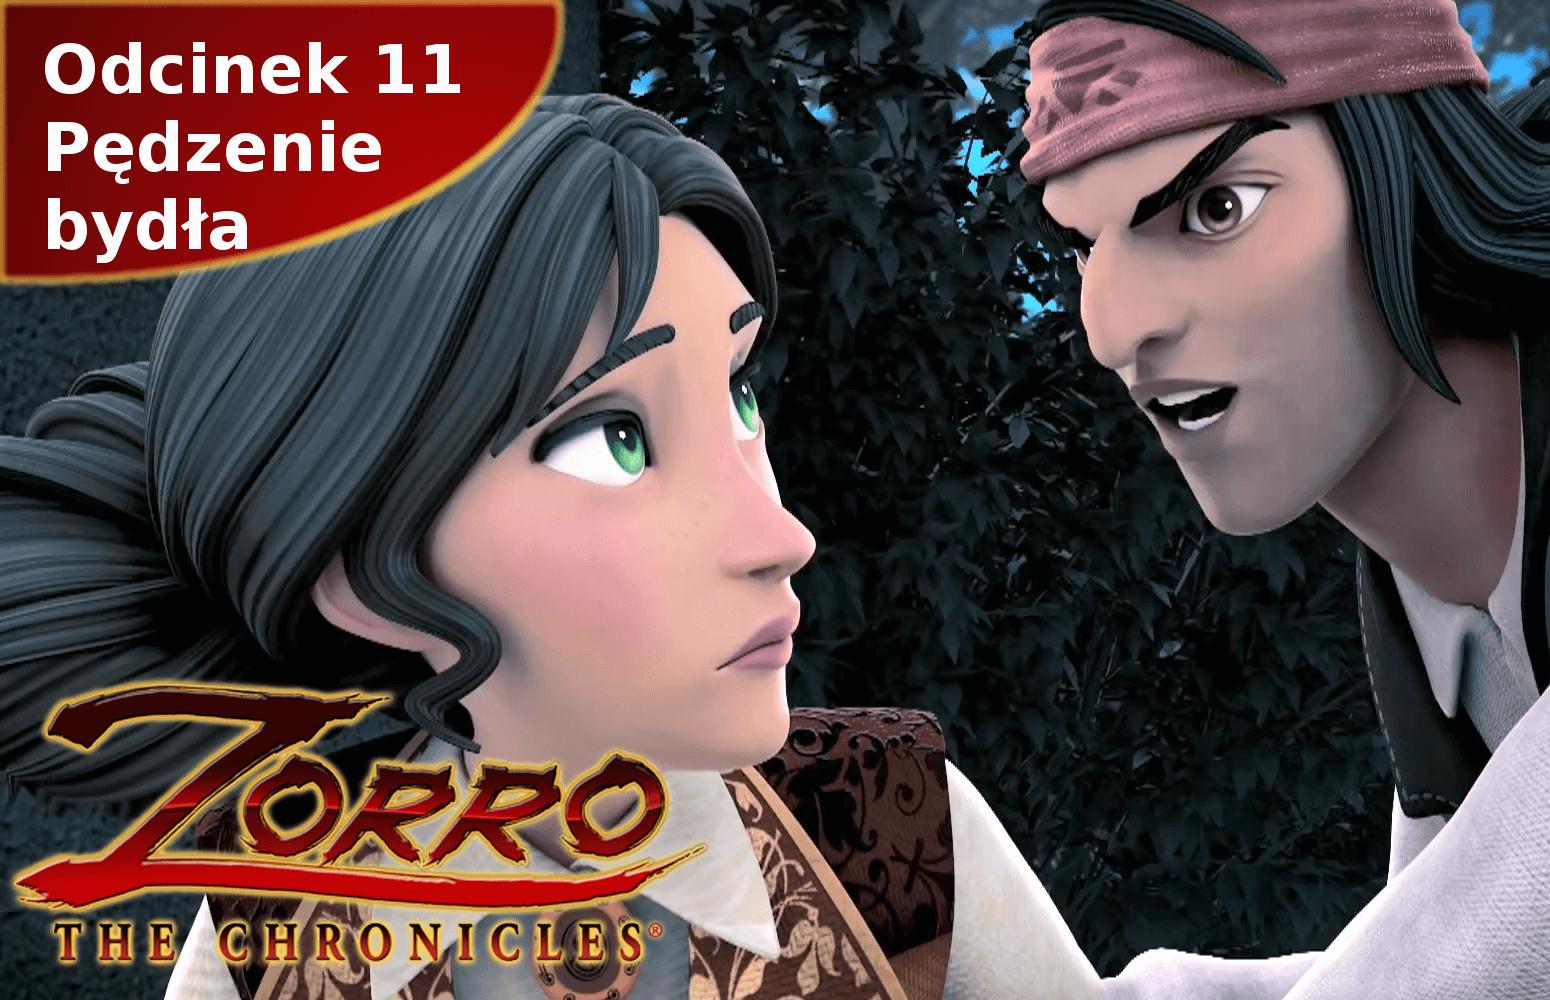 Kroniki Zorro odcinek 11 Pędzenie bydła